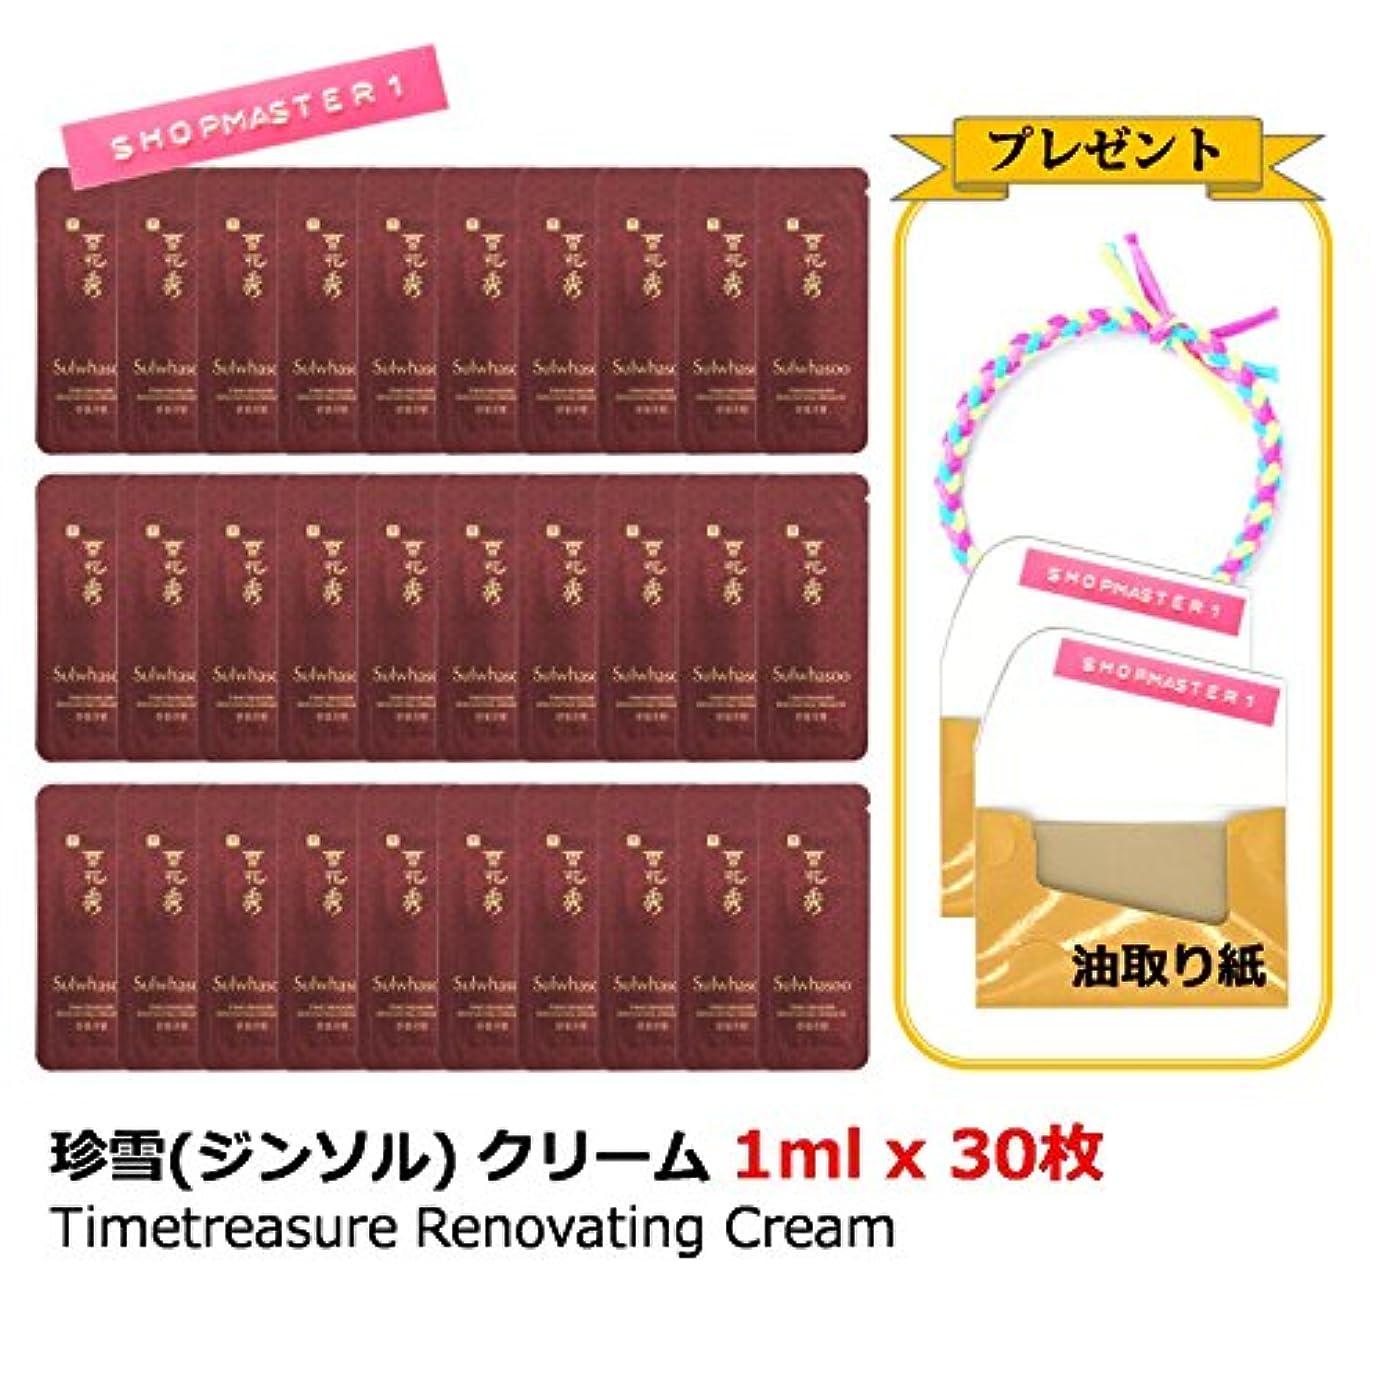 輸送アンタゴニスト真実【Sulwhasoo ソルファス】珍雪(ジンソル) クリーム 1ml x 30枚 Timetreasure Renovating Cream/プレゼント 油取り紙 2個(30枚ずつ)、ヘアタイ/海外直配送